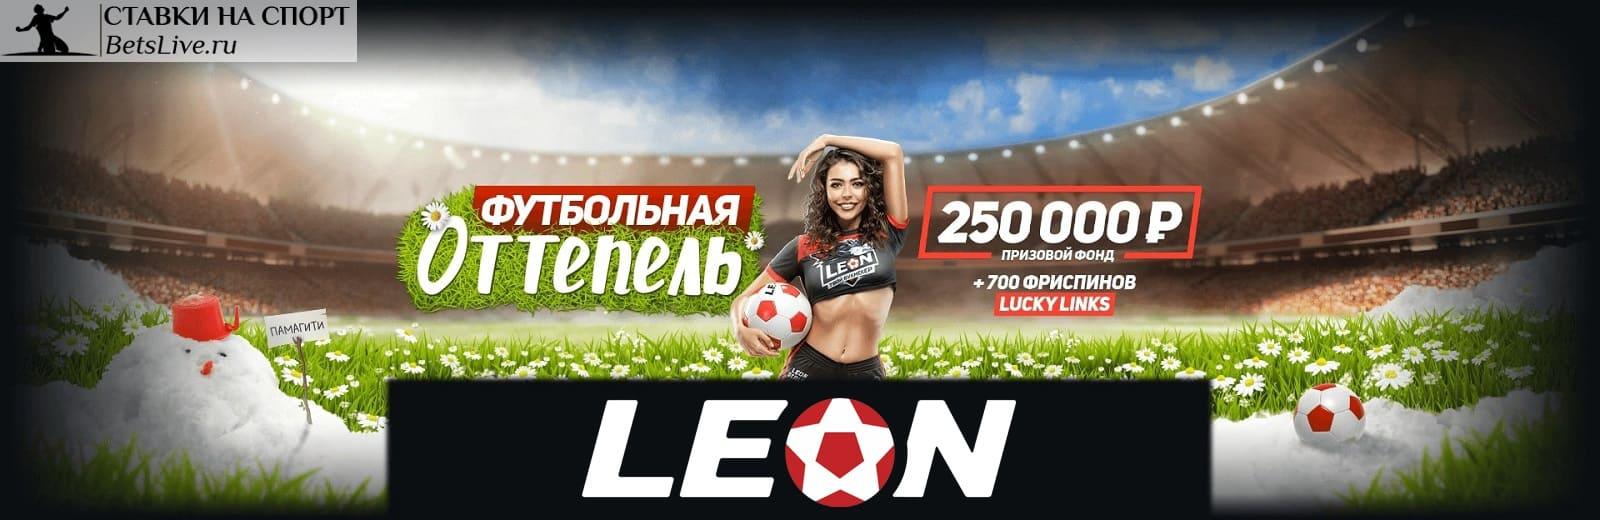 Футбольная оттепель акция на БК Leon